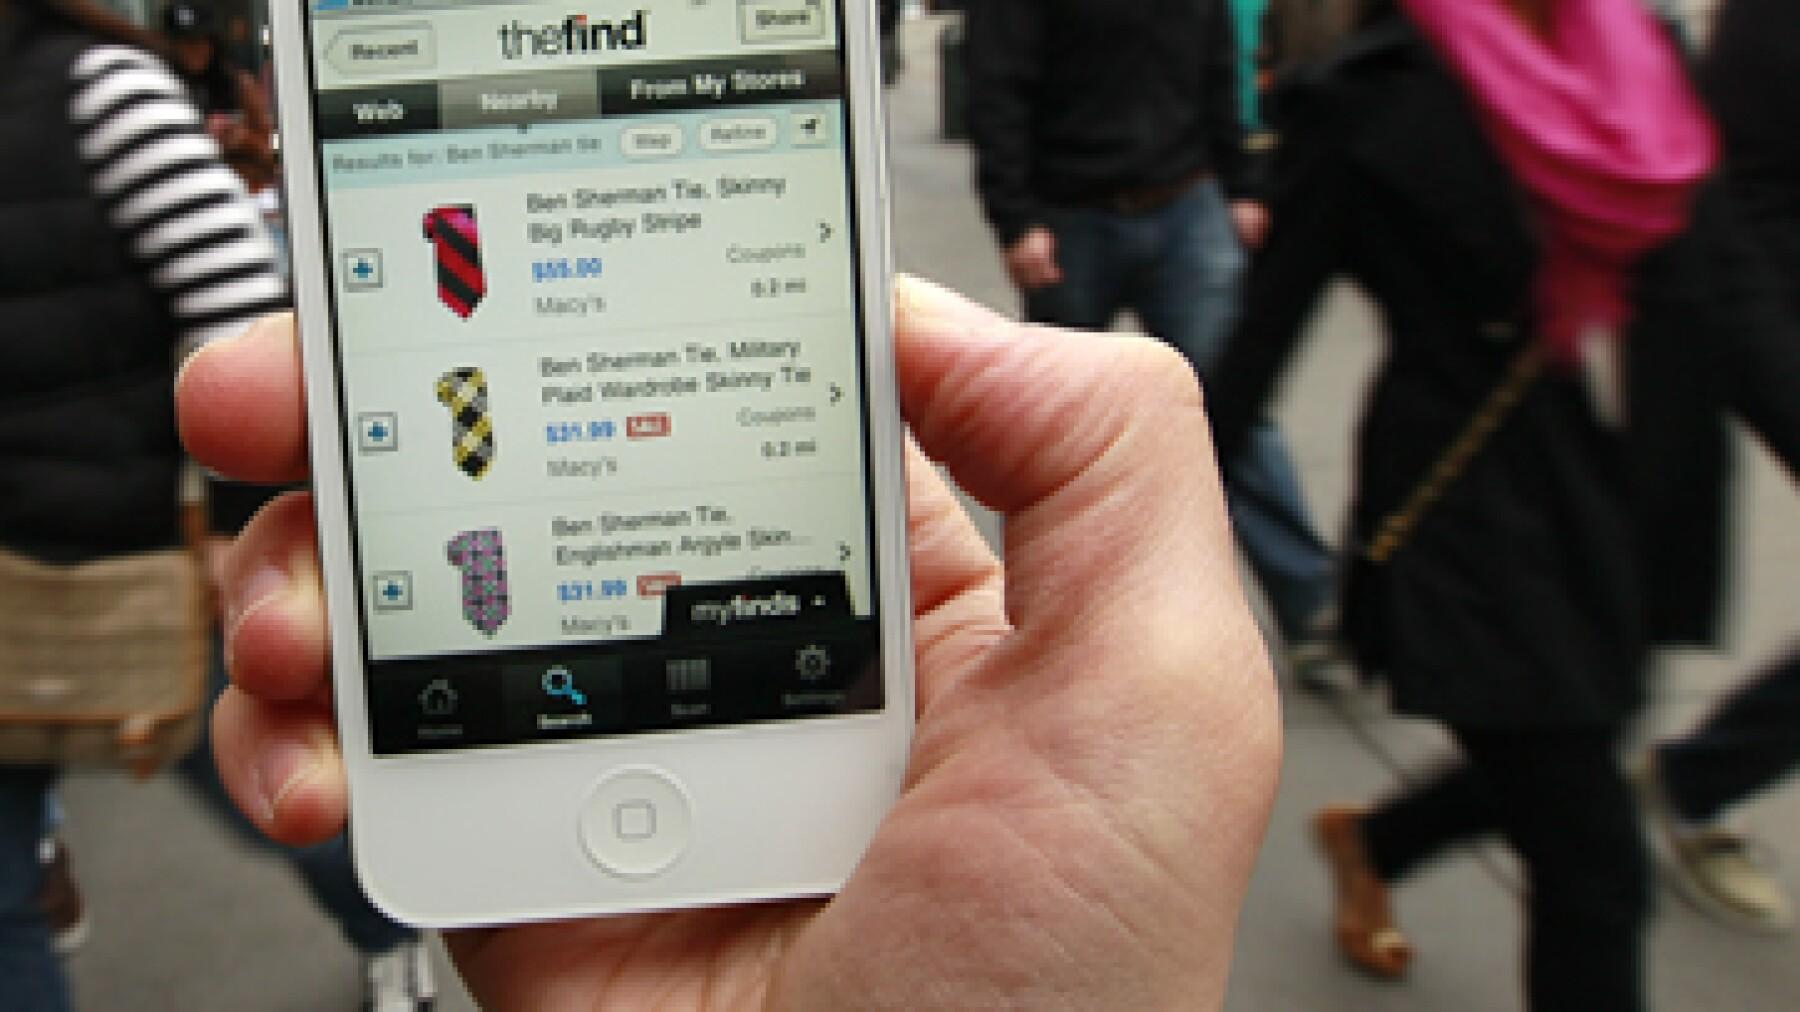 Los pagos a través de celulares podrían tener un alcance mucho mayor que cualquier otra estrategia implementada hasta el momento por la banca. (Foto: AP)